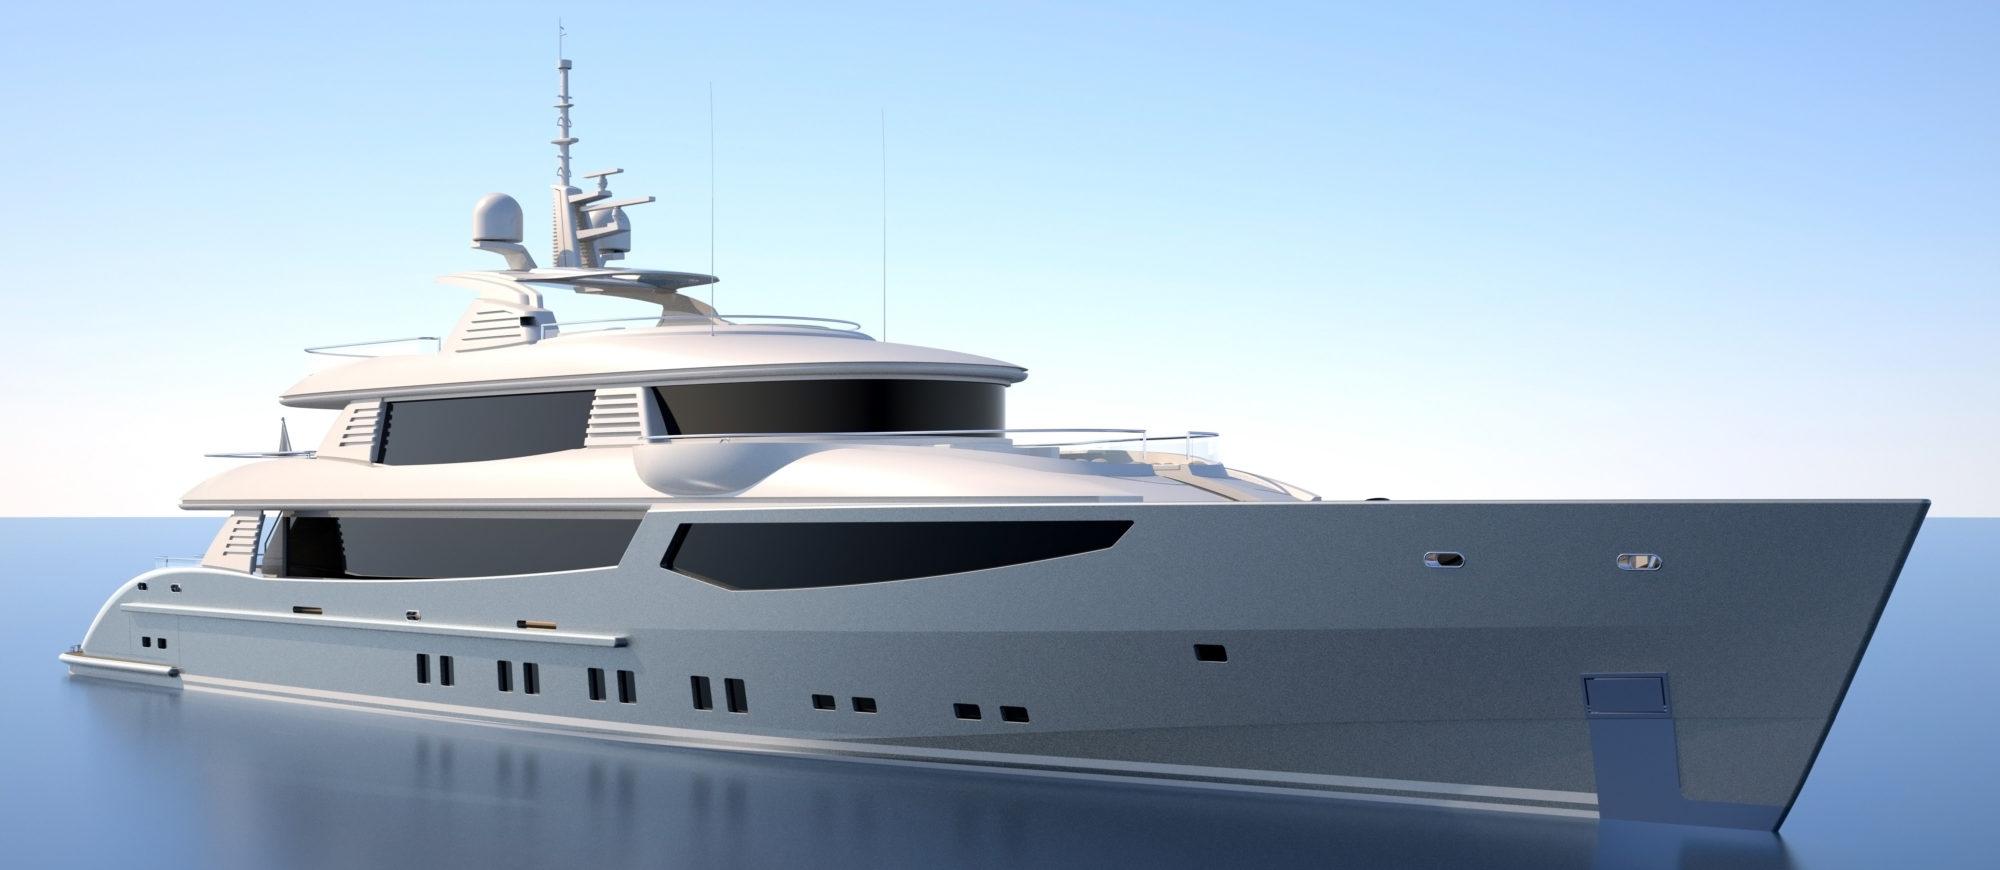 Conrad C166 Superyacht Concept Vallicelli Visualisation Exterior3